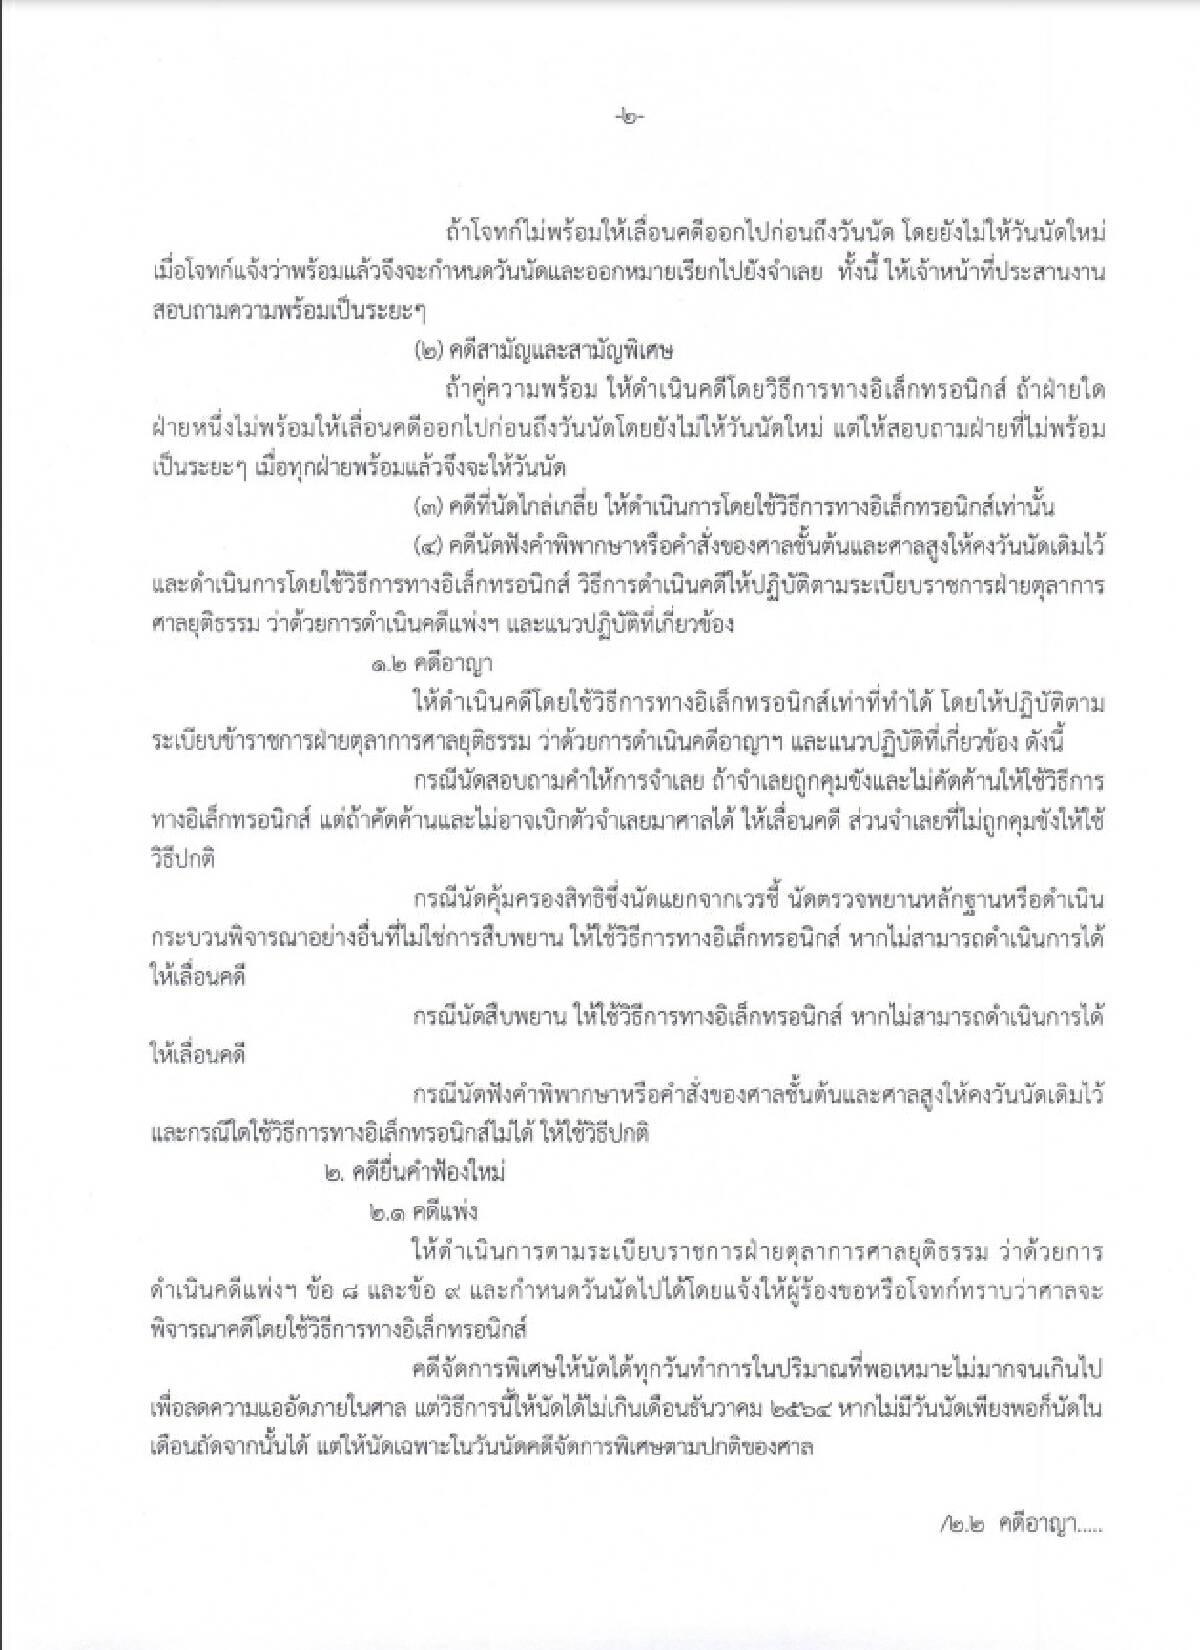 ศาลจังหวัดนนทบุรี ประกาศวิธีการทางอิเล็กทรอนิกส์ คดีที่นัด27ก.ย.-31 ต.ค.